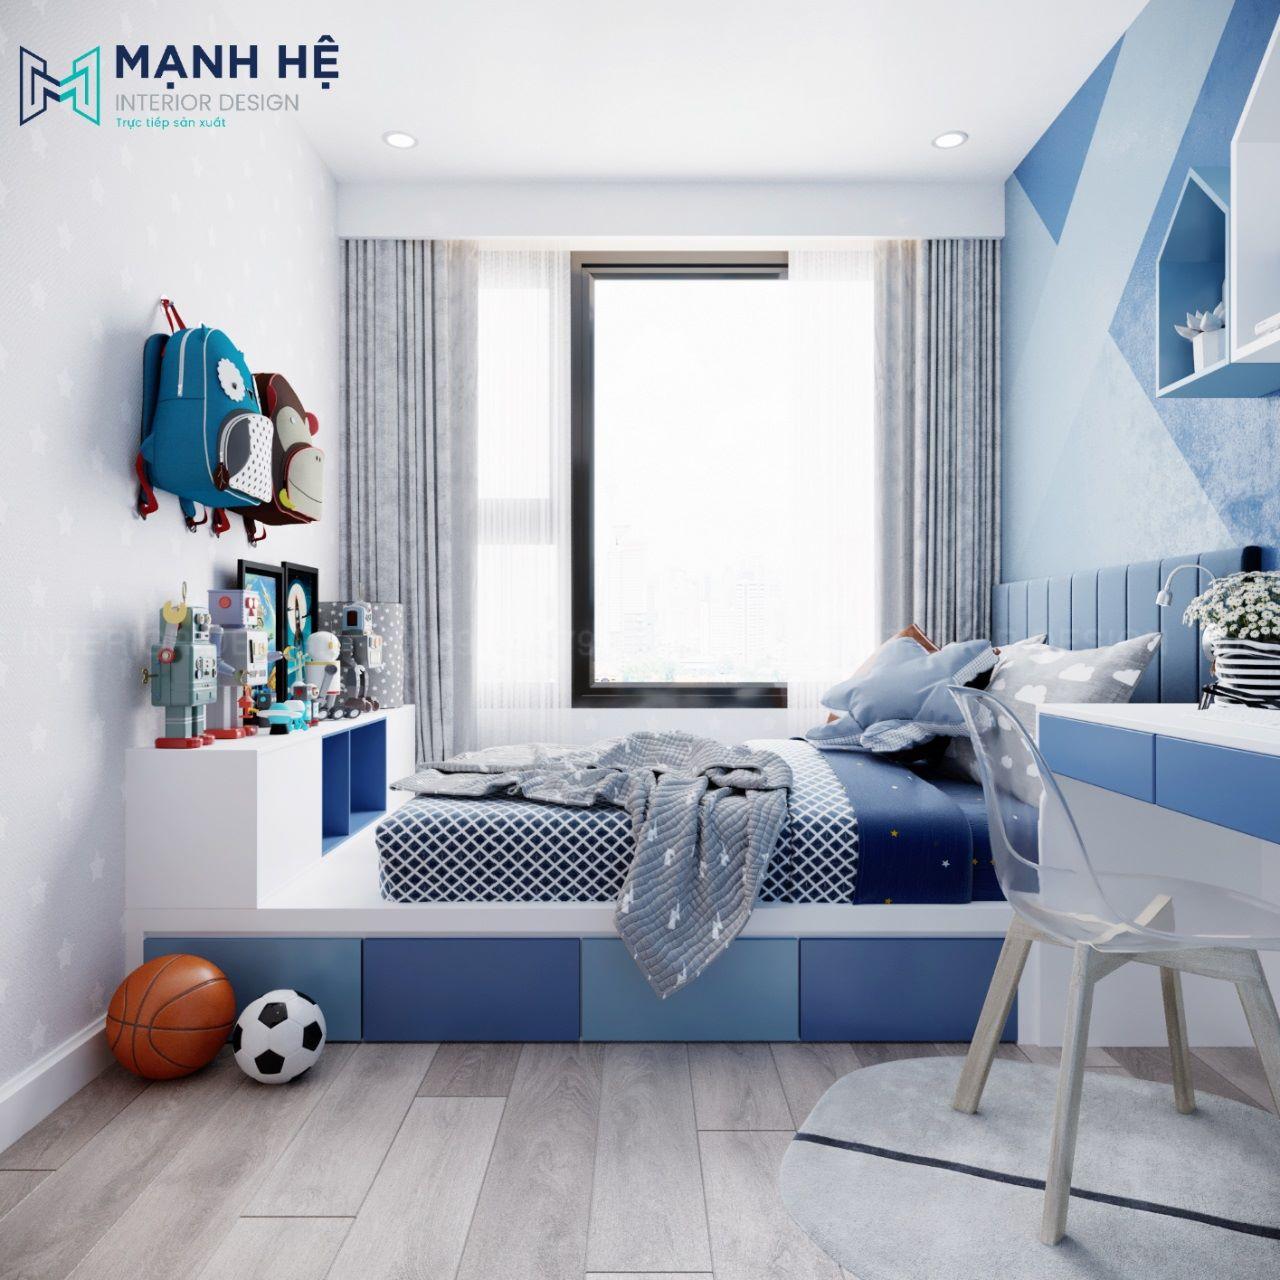 Giường ngủ dạng bục cho phòng ngủ bé